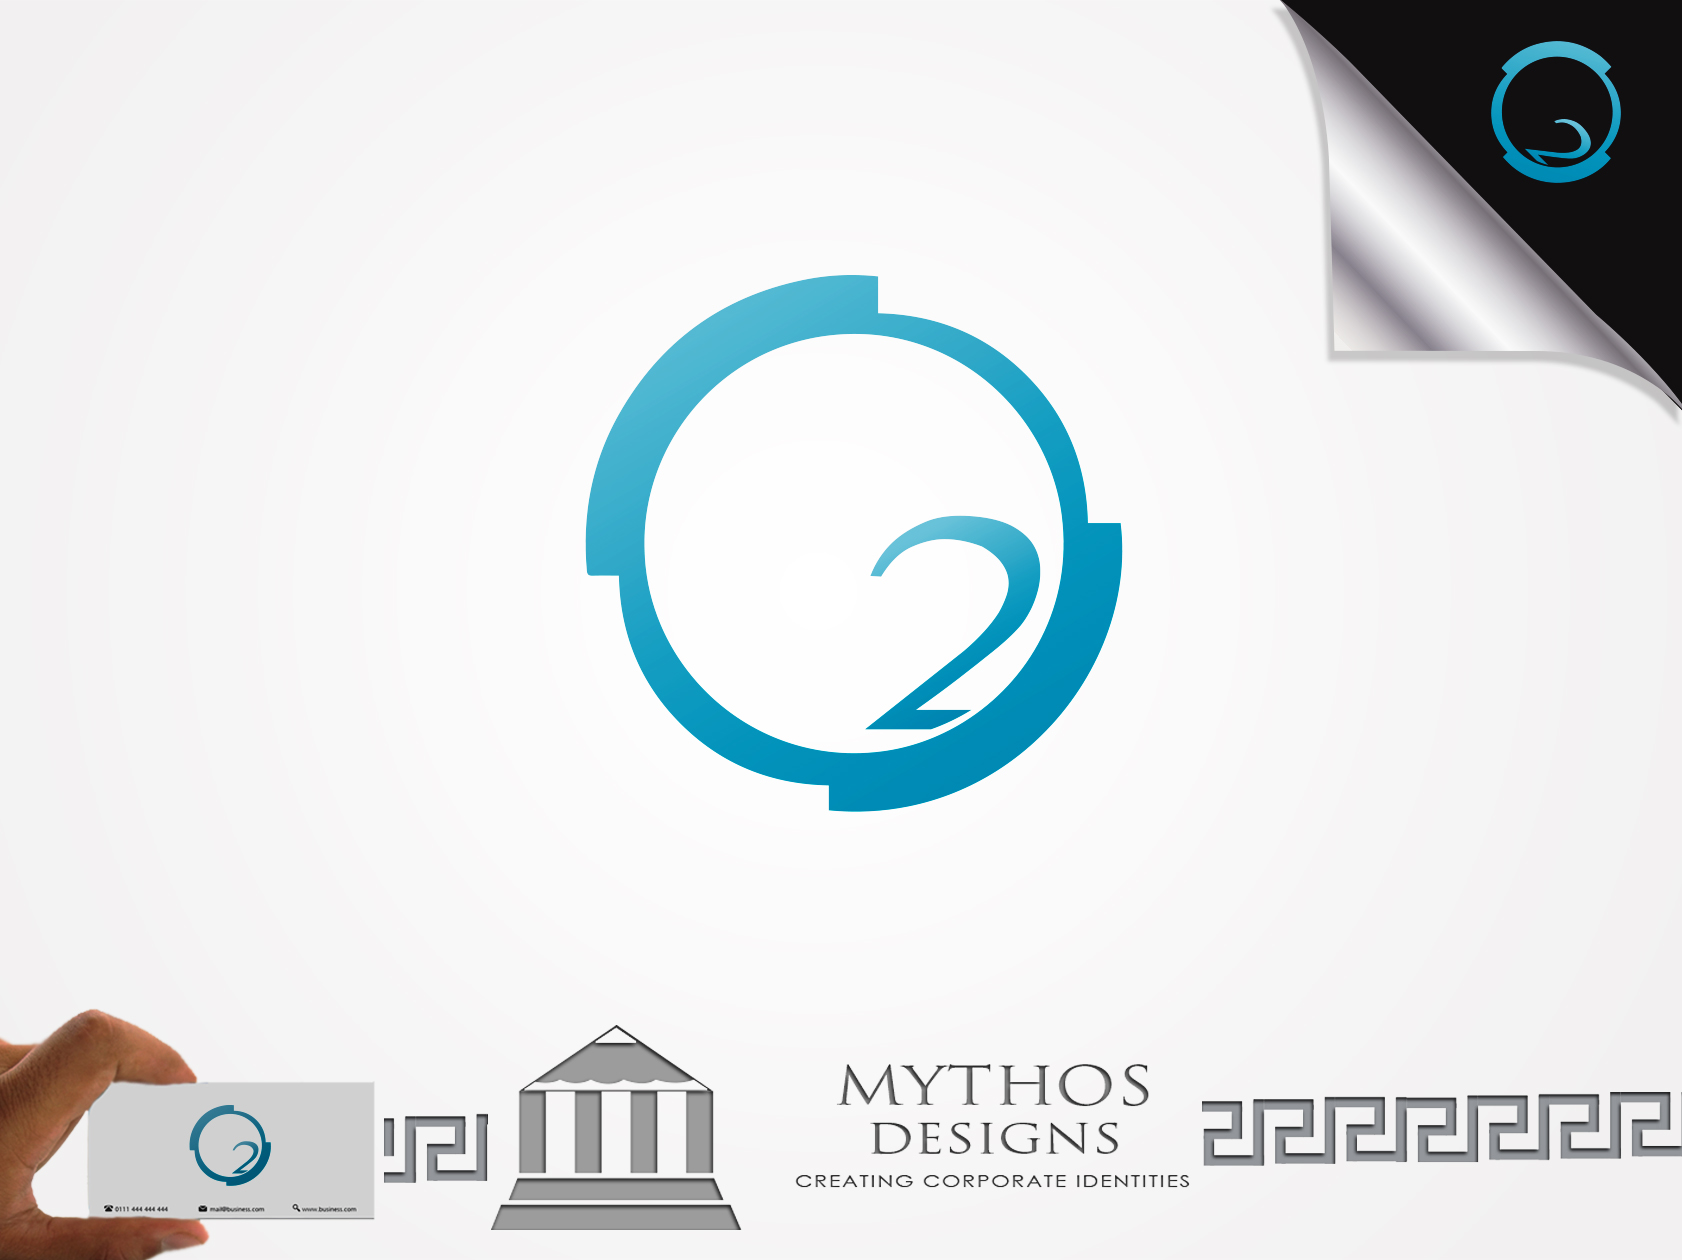 Logo Design by Mythos Designs - Entry No. 49 in the Logo Design Contest Artistic Logo Design for O2.